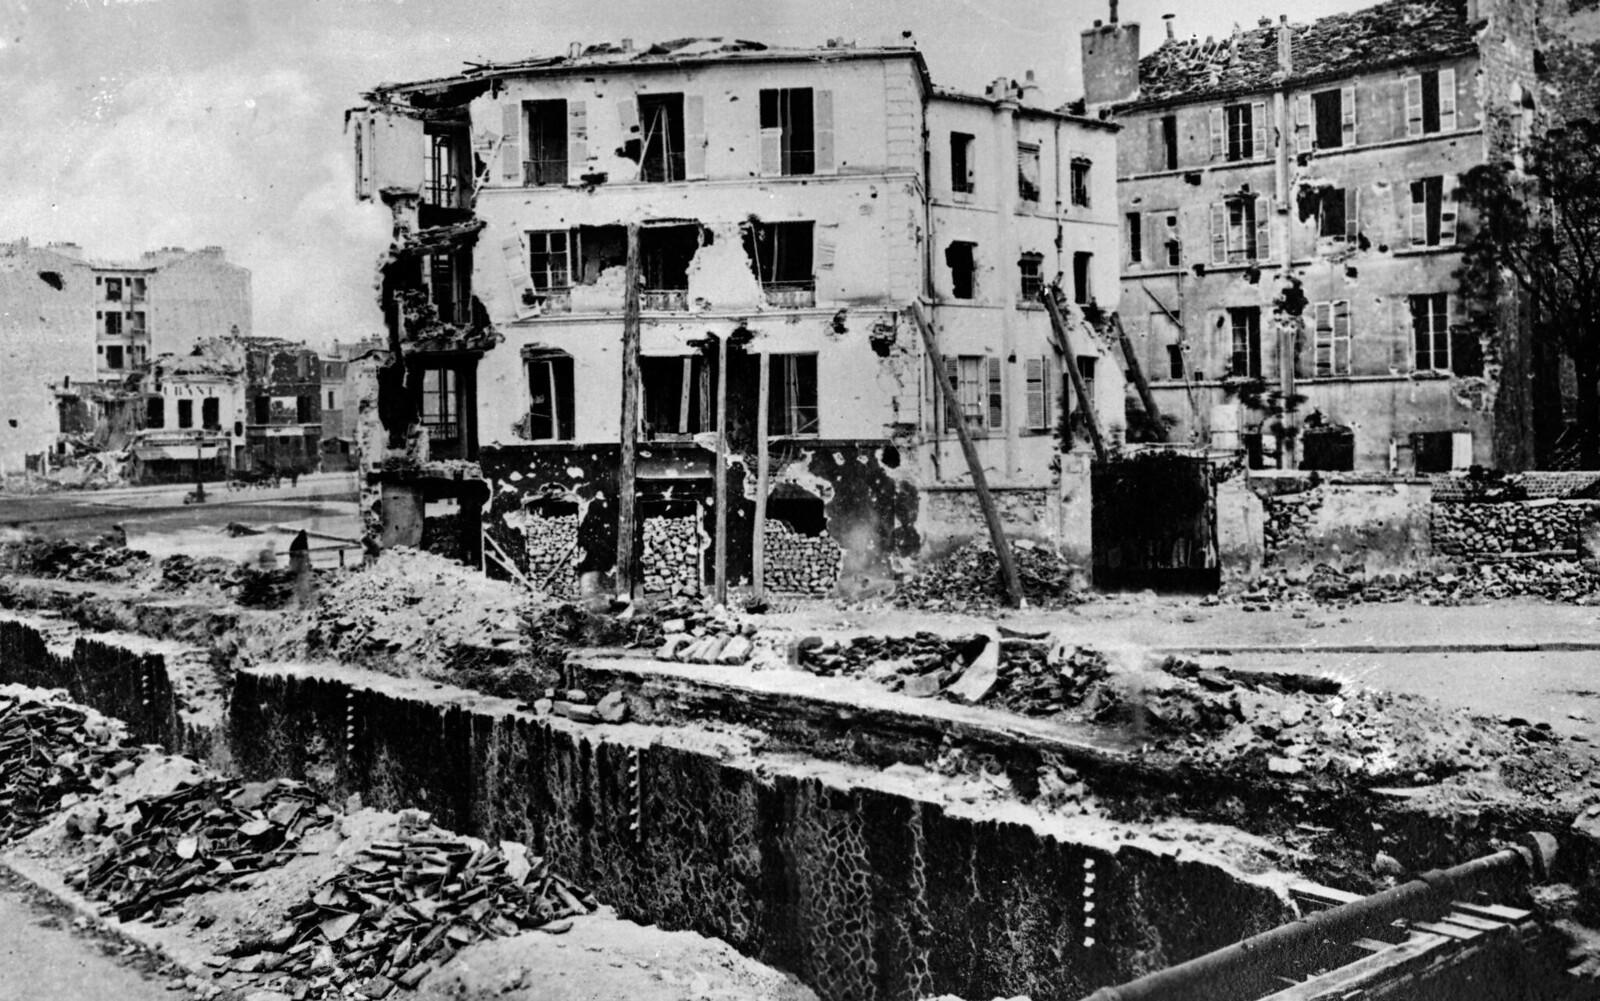 Дома в Отёй, разрушенные Версальской армией